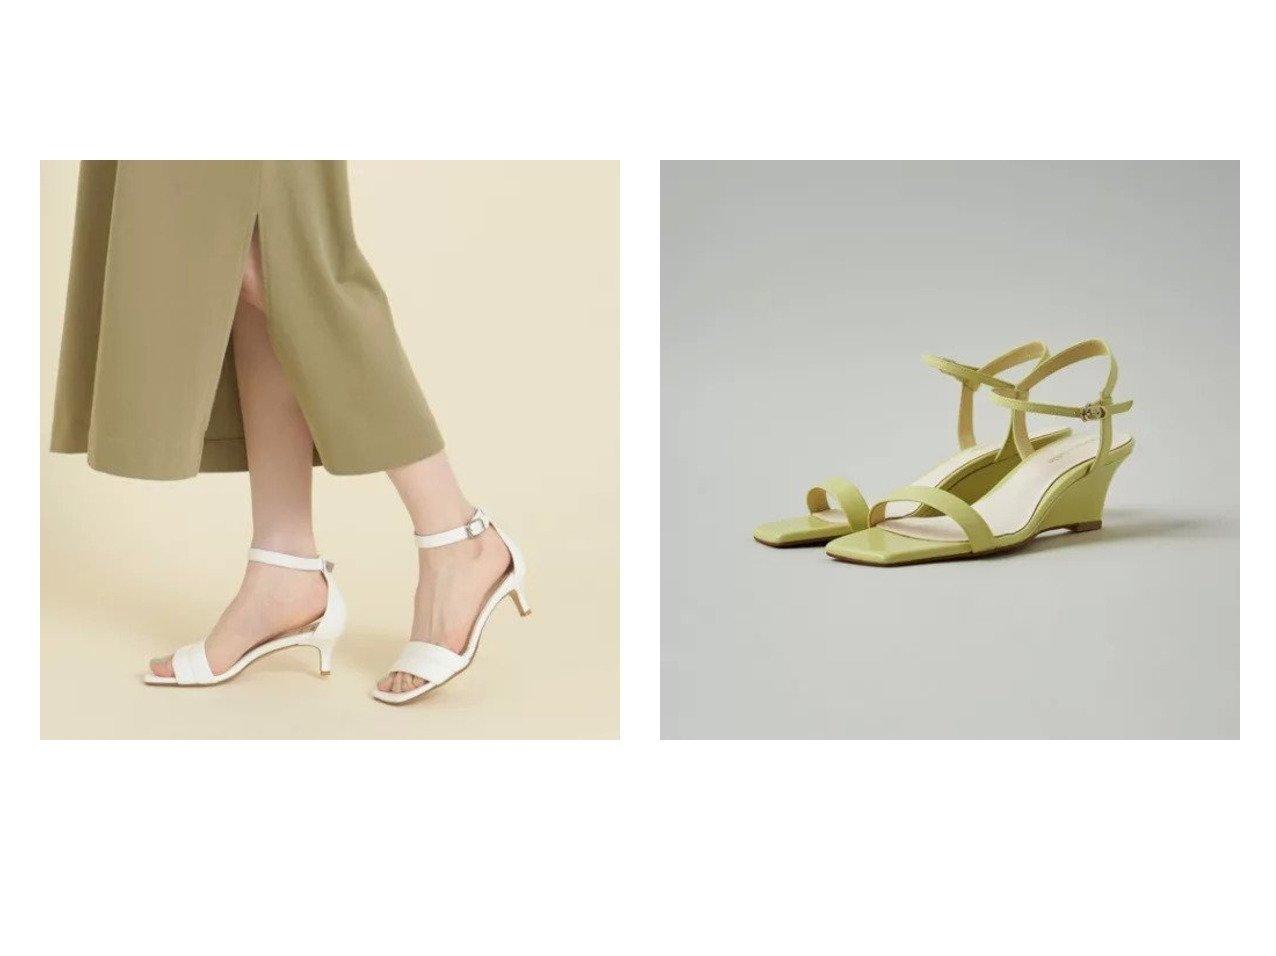 【Odette e Odile/オデット エ オディール】の【WEB限定】O クッションワンベルト サンダル50●↑&OFD ネオウェッジ サンダル55↓↑ 【シューズ・靴】おすすめ!人気、トレンド・レディースファッションの通販 おすすめで人気の流行・トレンド、ファッションの通販商品 インテリア・家具・メンズファッション・キッズファッション・レディースファッション・服の通販 founy(ファニー) https://founy.com/ ファッション Fashion レディースファッション WOMEN ベルト Belts サンダル シューズ おすすめ Recommend クッション シンプル トレンド |ID:crp329100000050308